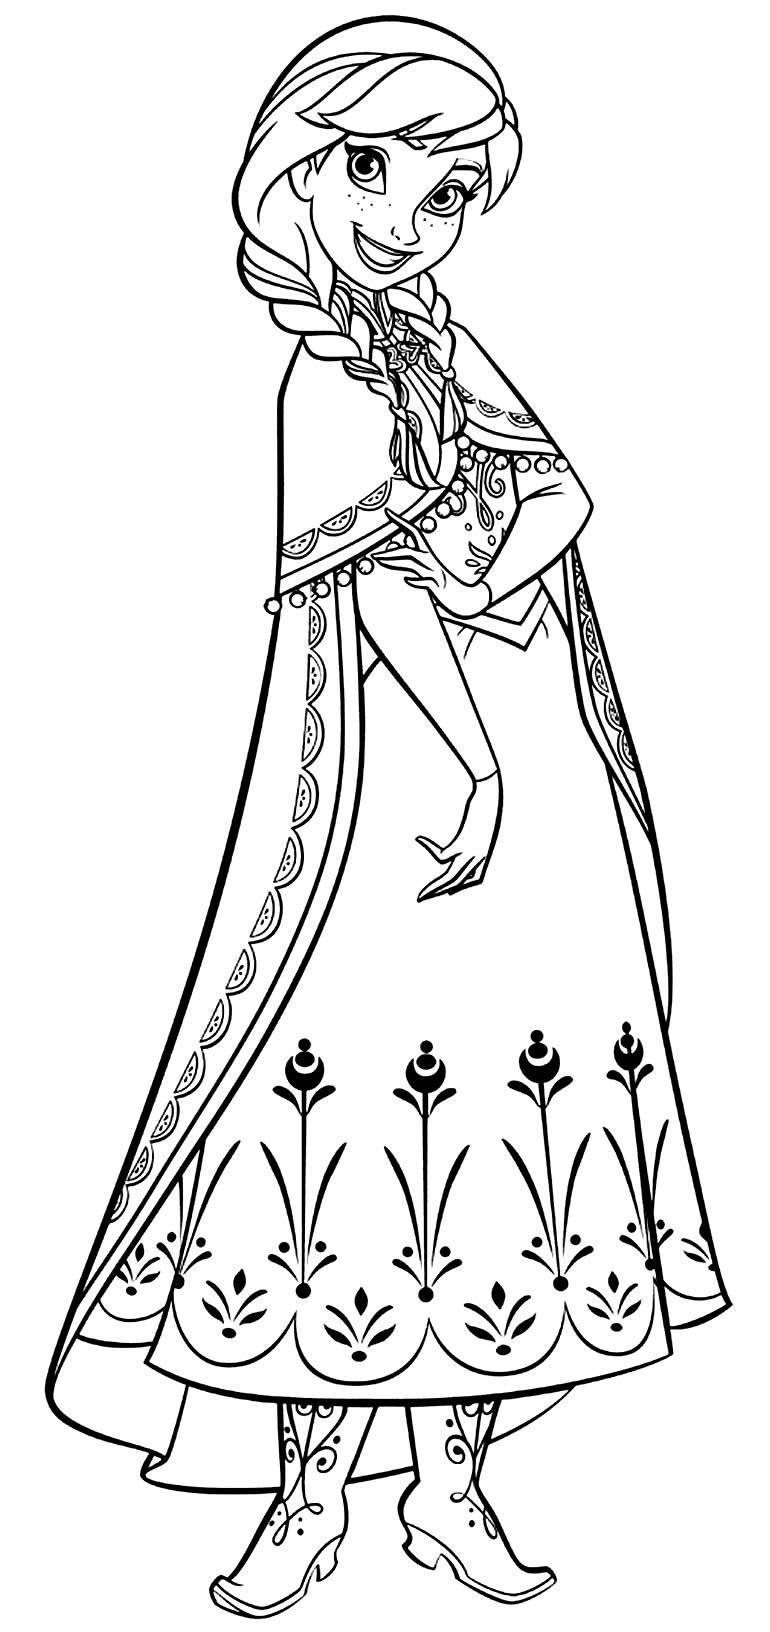 Desenho da Anna para colorir